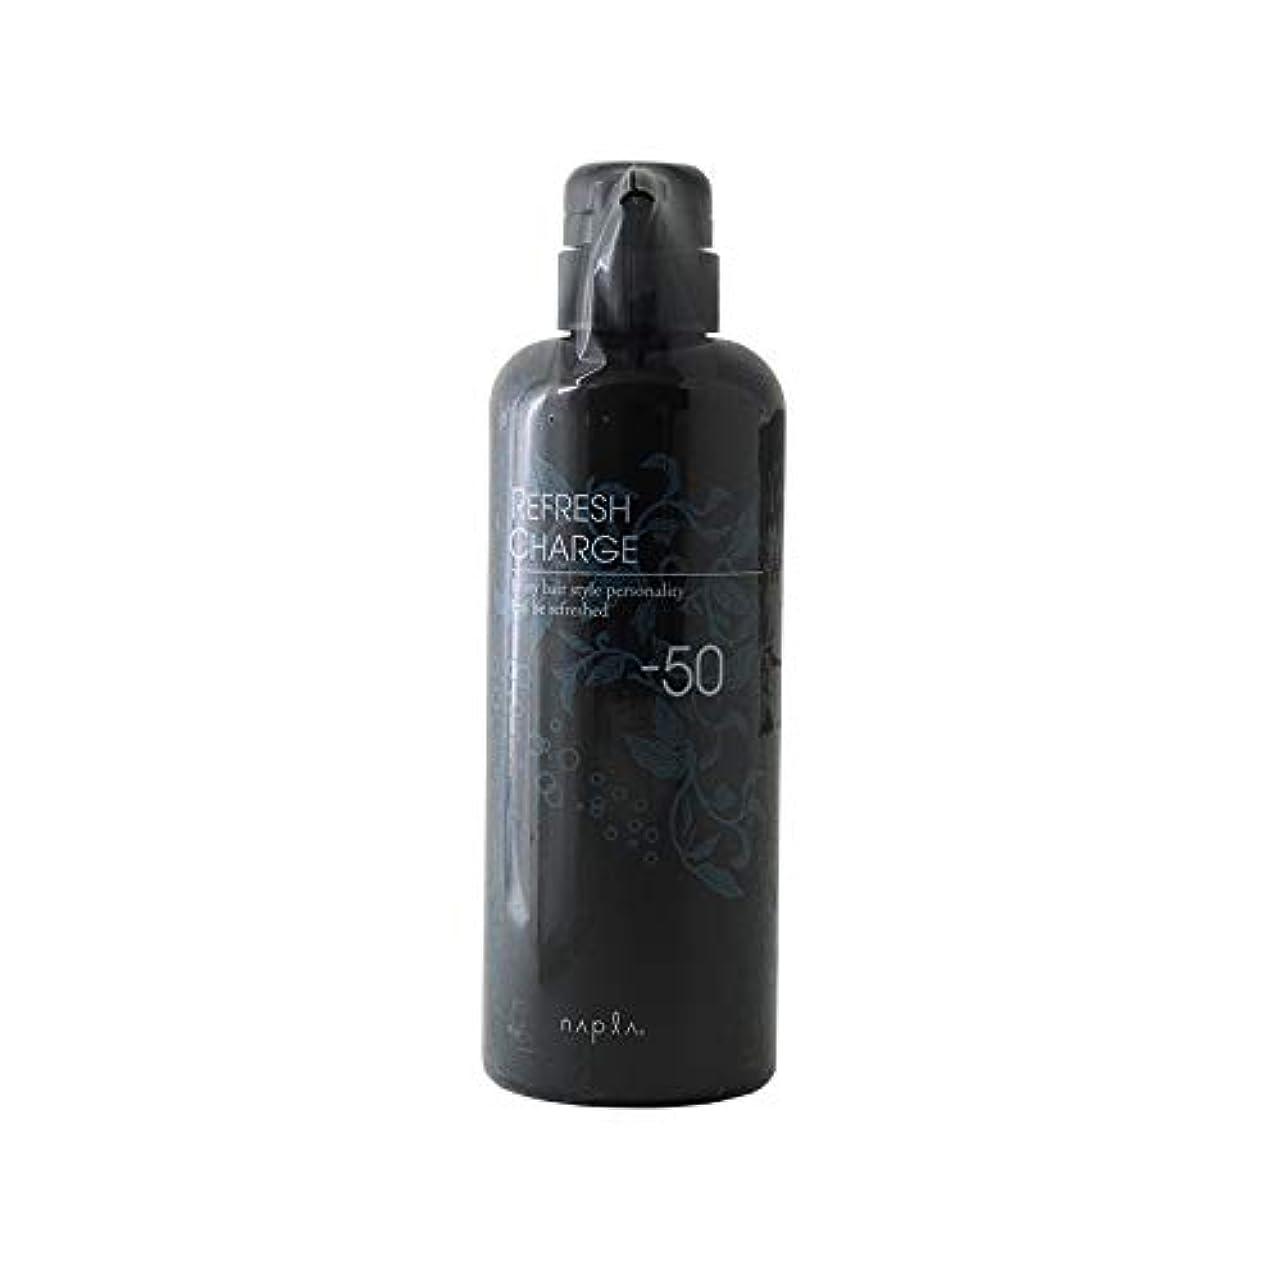 輸送有効化植物のリフレッシュスキャルプ リフレッシュチャージ -50(500ml)